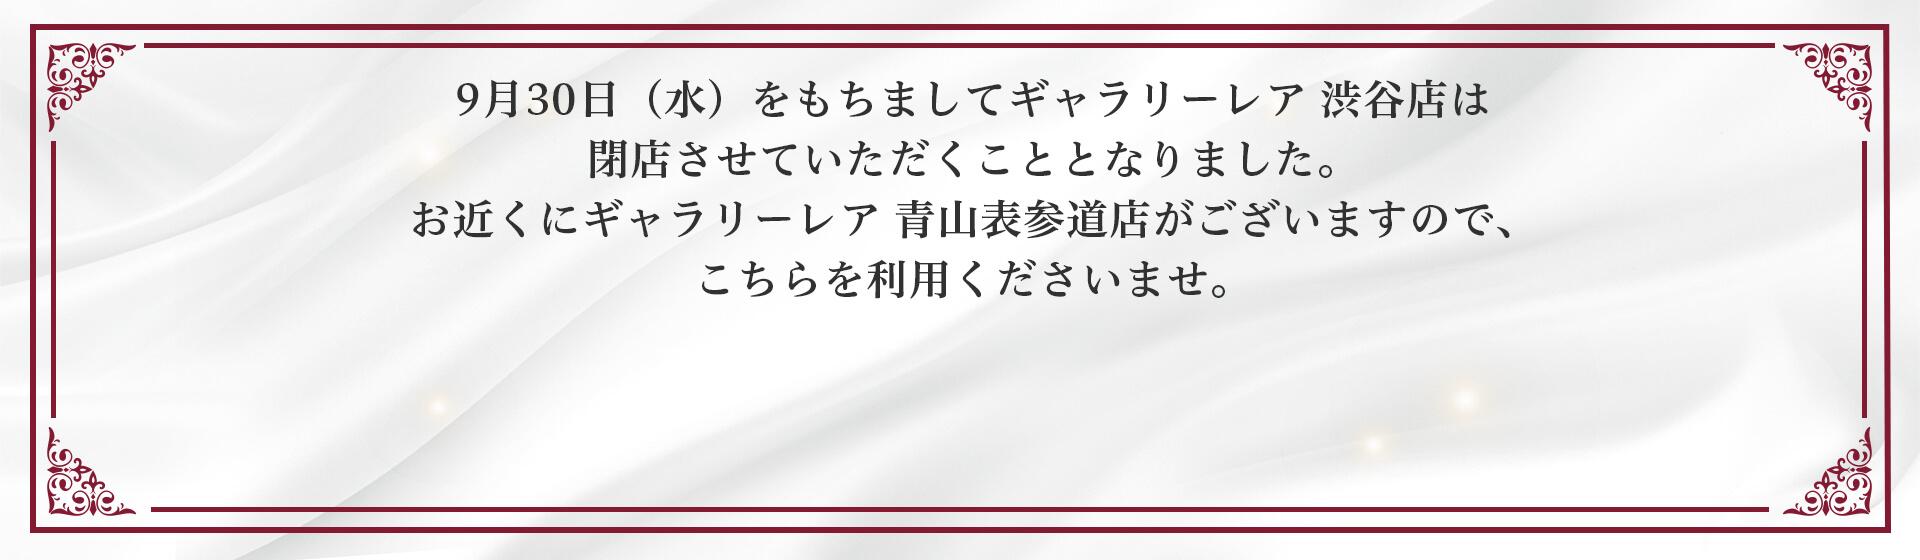 この度、誠に勝手ながら9月30日(水)をもちまして、ギャラリーレア 渋谷店を閉店させていただくこととなりました。